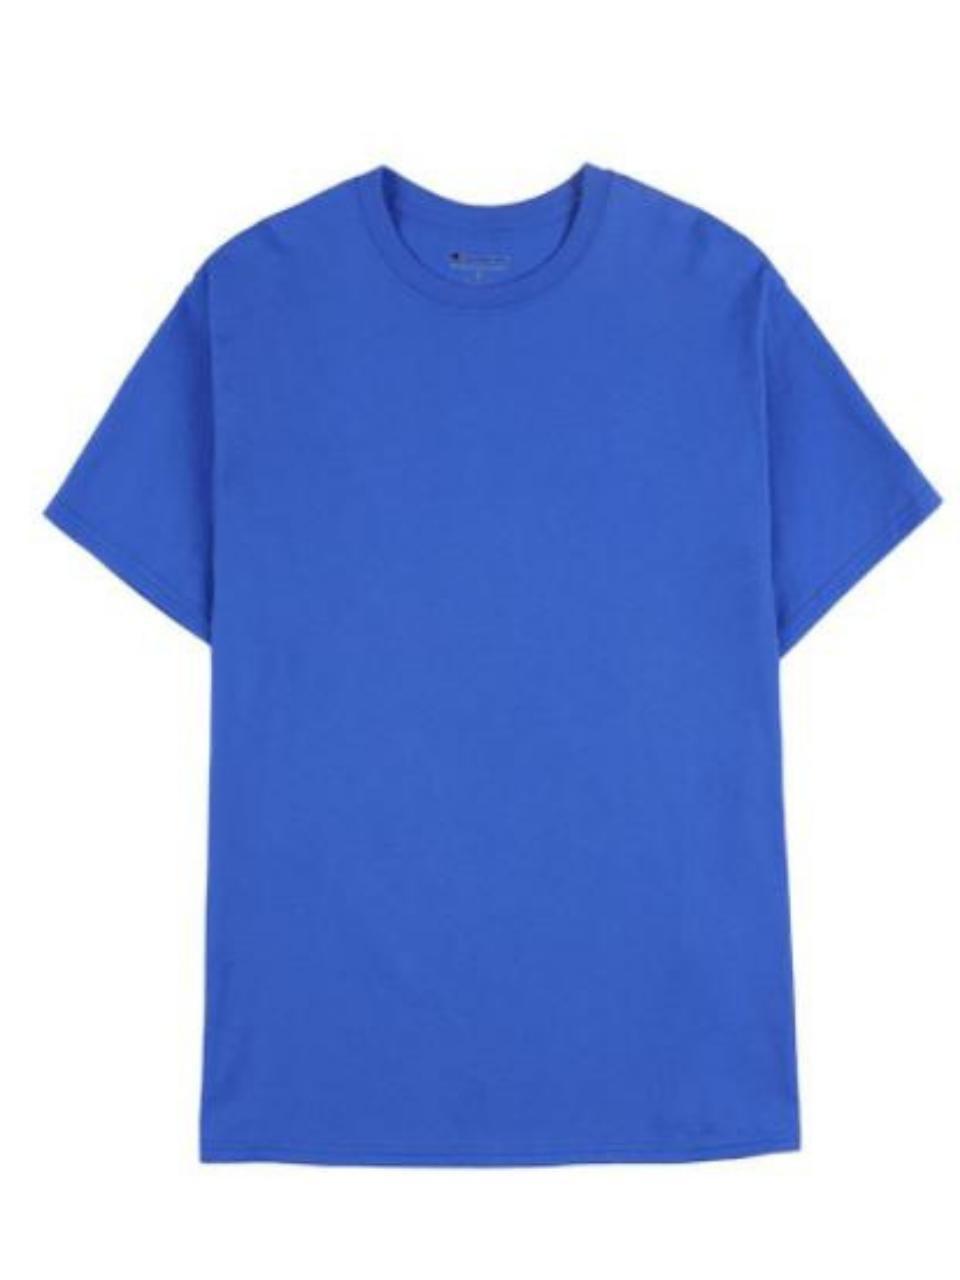 T-SHIRT CHAMPION LOGO TAY / XANH BLUE